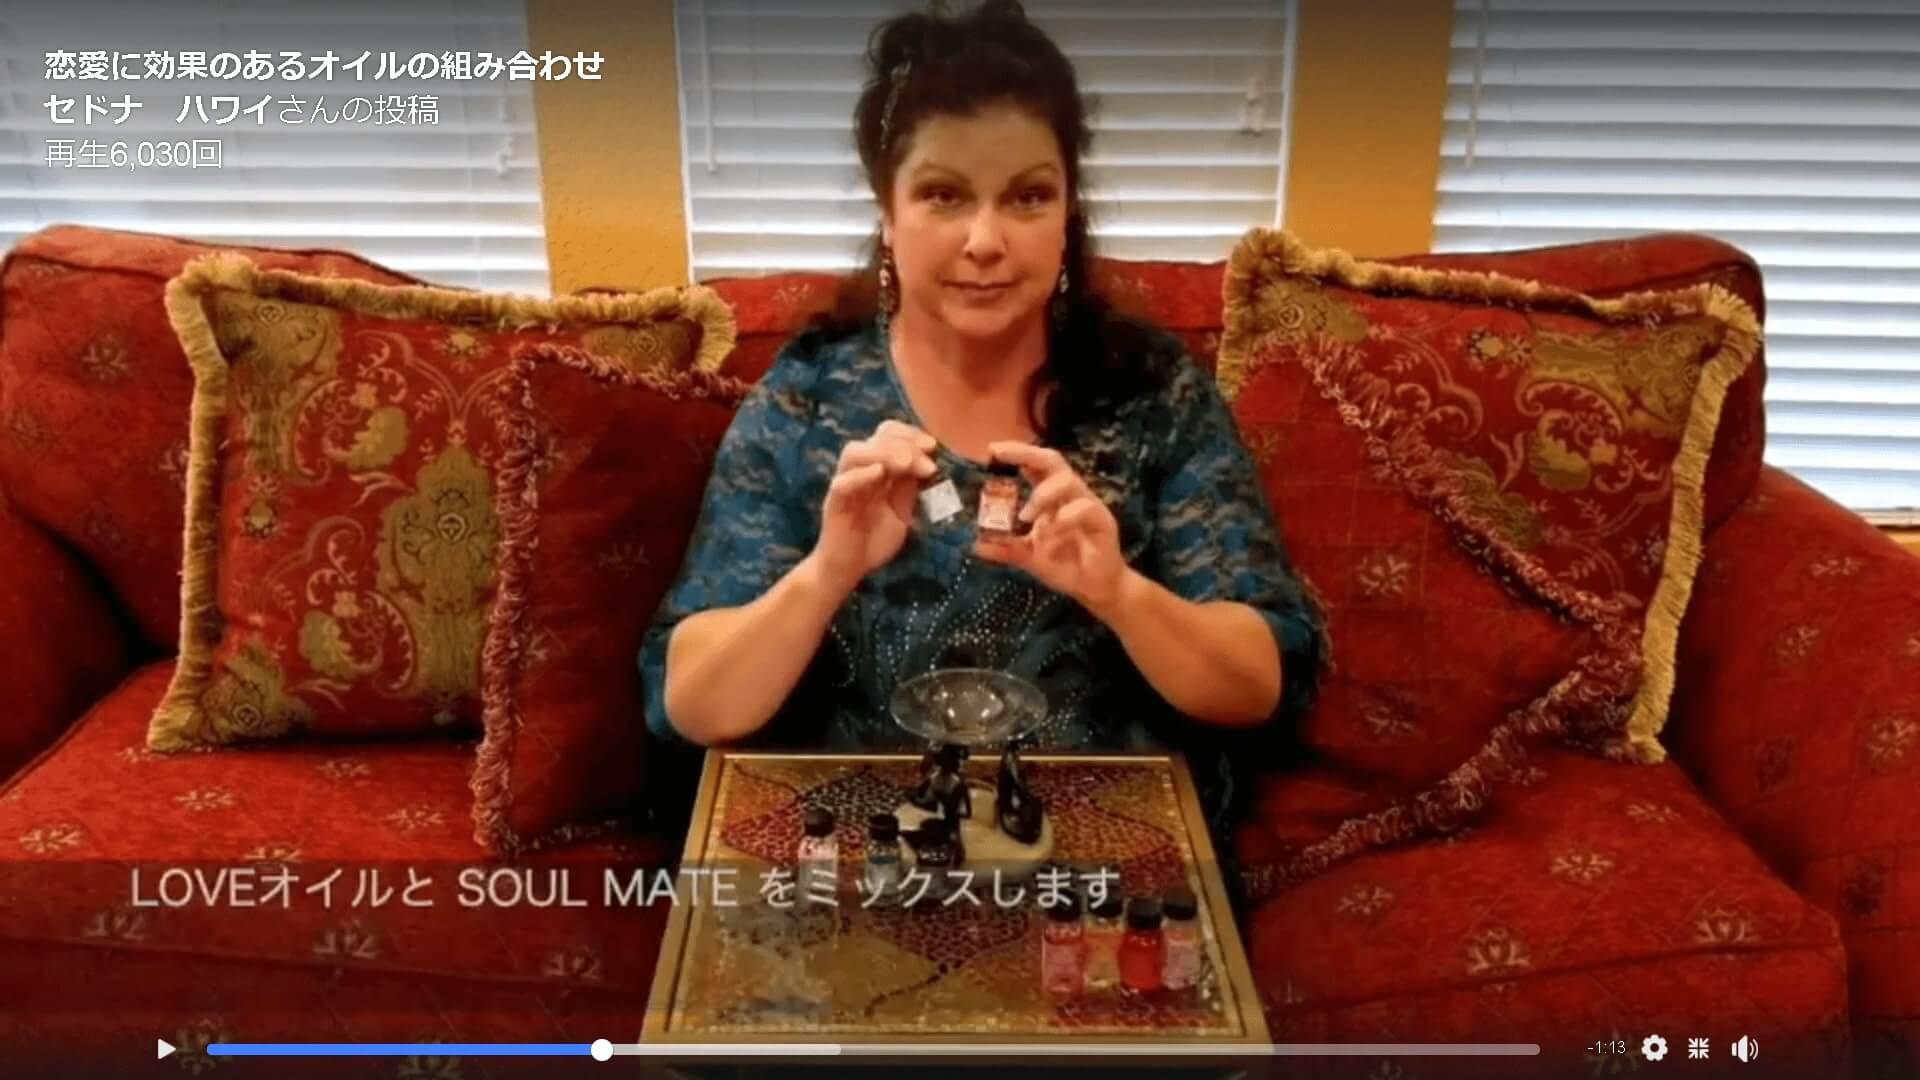 ドナが伝授1『恋愛』メモリーオイル効果的な使い方の動画